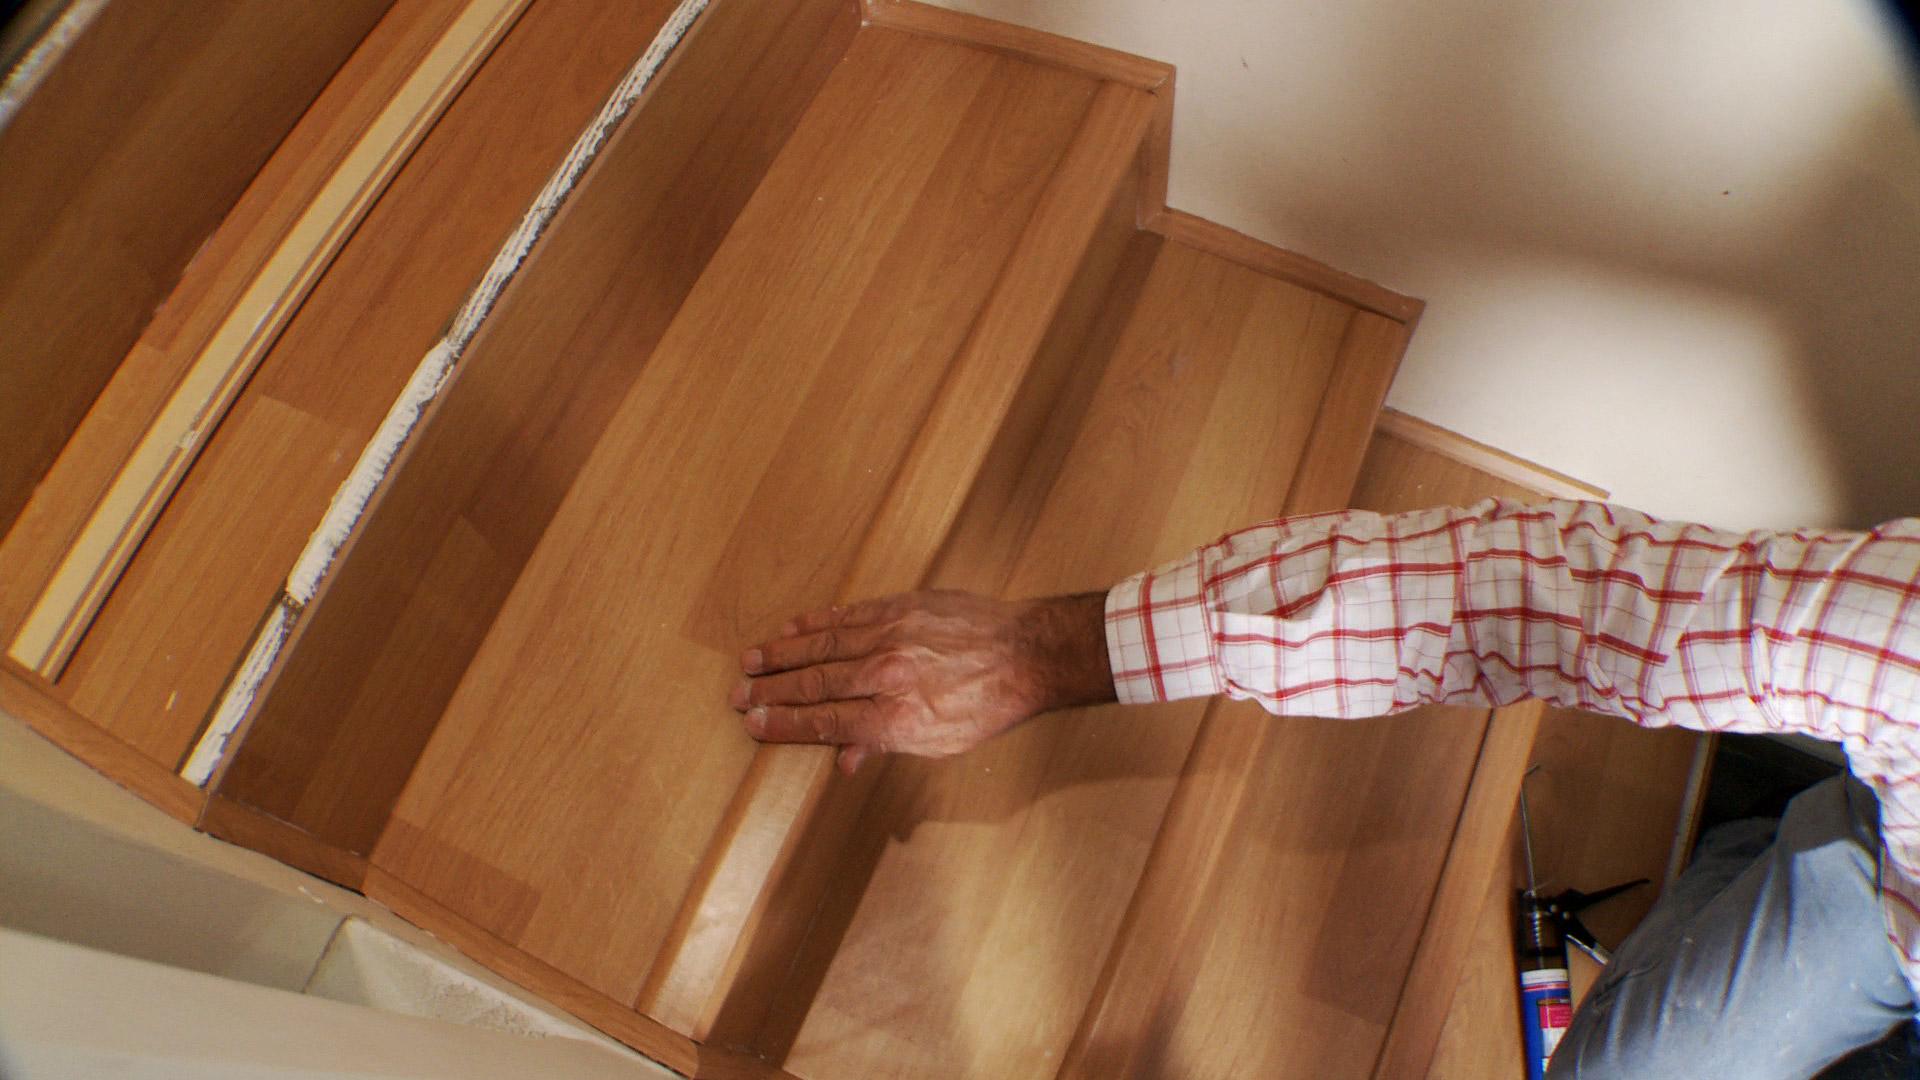 La escalera es uno de los lugares que tiene más alto tránsito dentro de la casa, por eso tenerla alfombrada puede ser un constante dolor de cabeza, por la suciedad que acumula y lo difícil que es limpiarla. Por eso proponemos revestir la escalera con piso laminado, una terminación fácil de limpiar y mantener brillante.